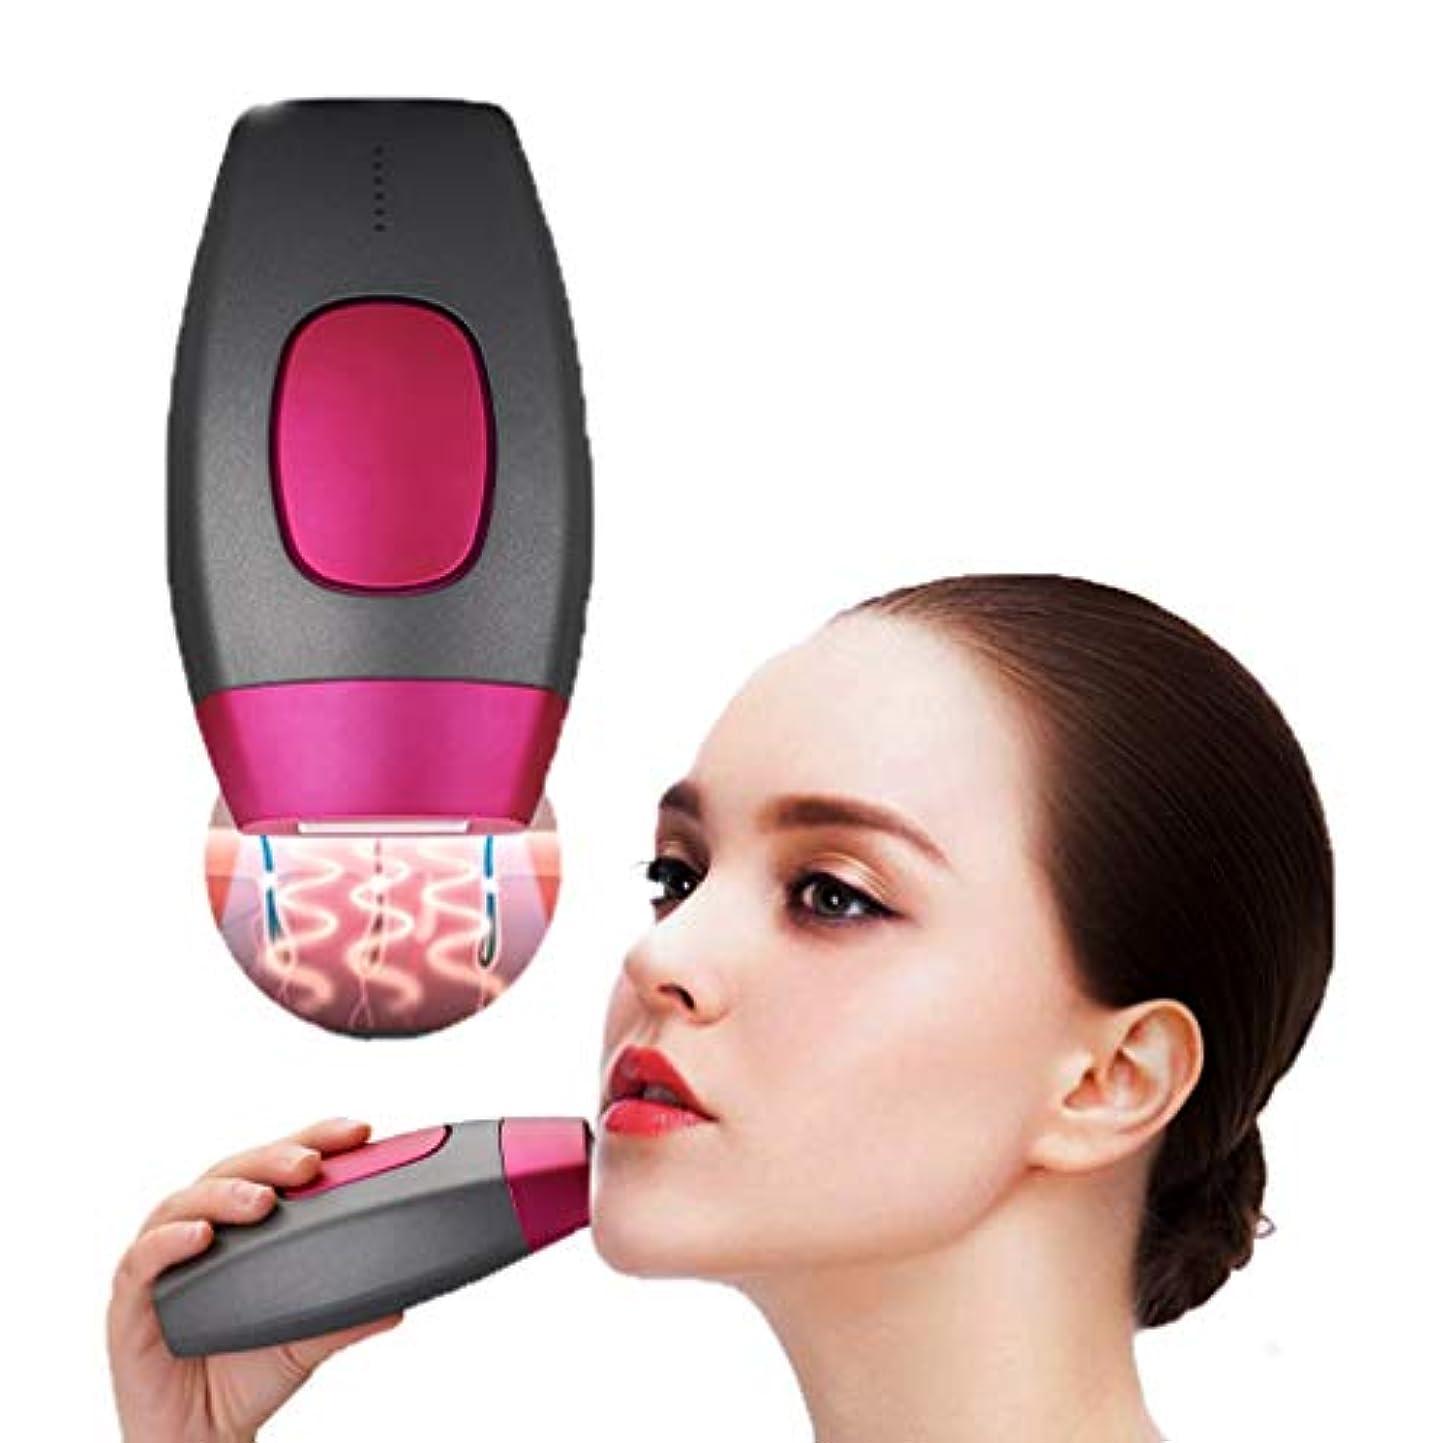 明確に連鎖サラダ女性の男性の体の顔とビキニの家庭用ライトシステム痛みのない美容デバイスでのレーザー脱毛